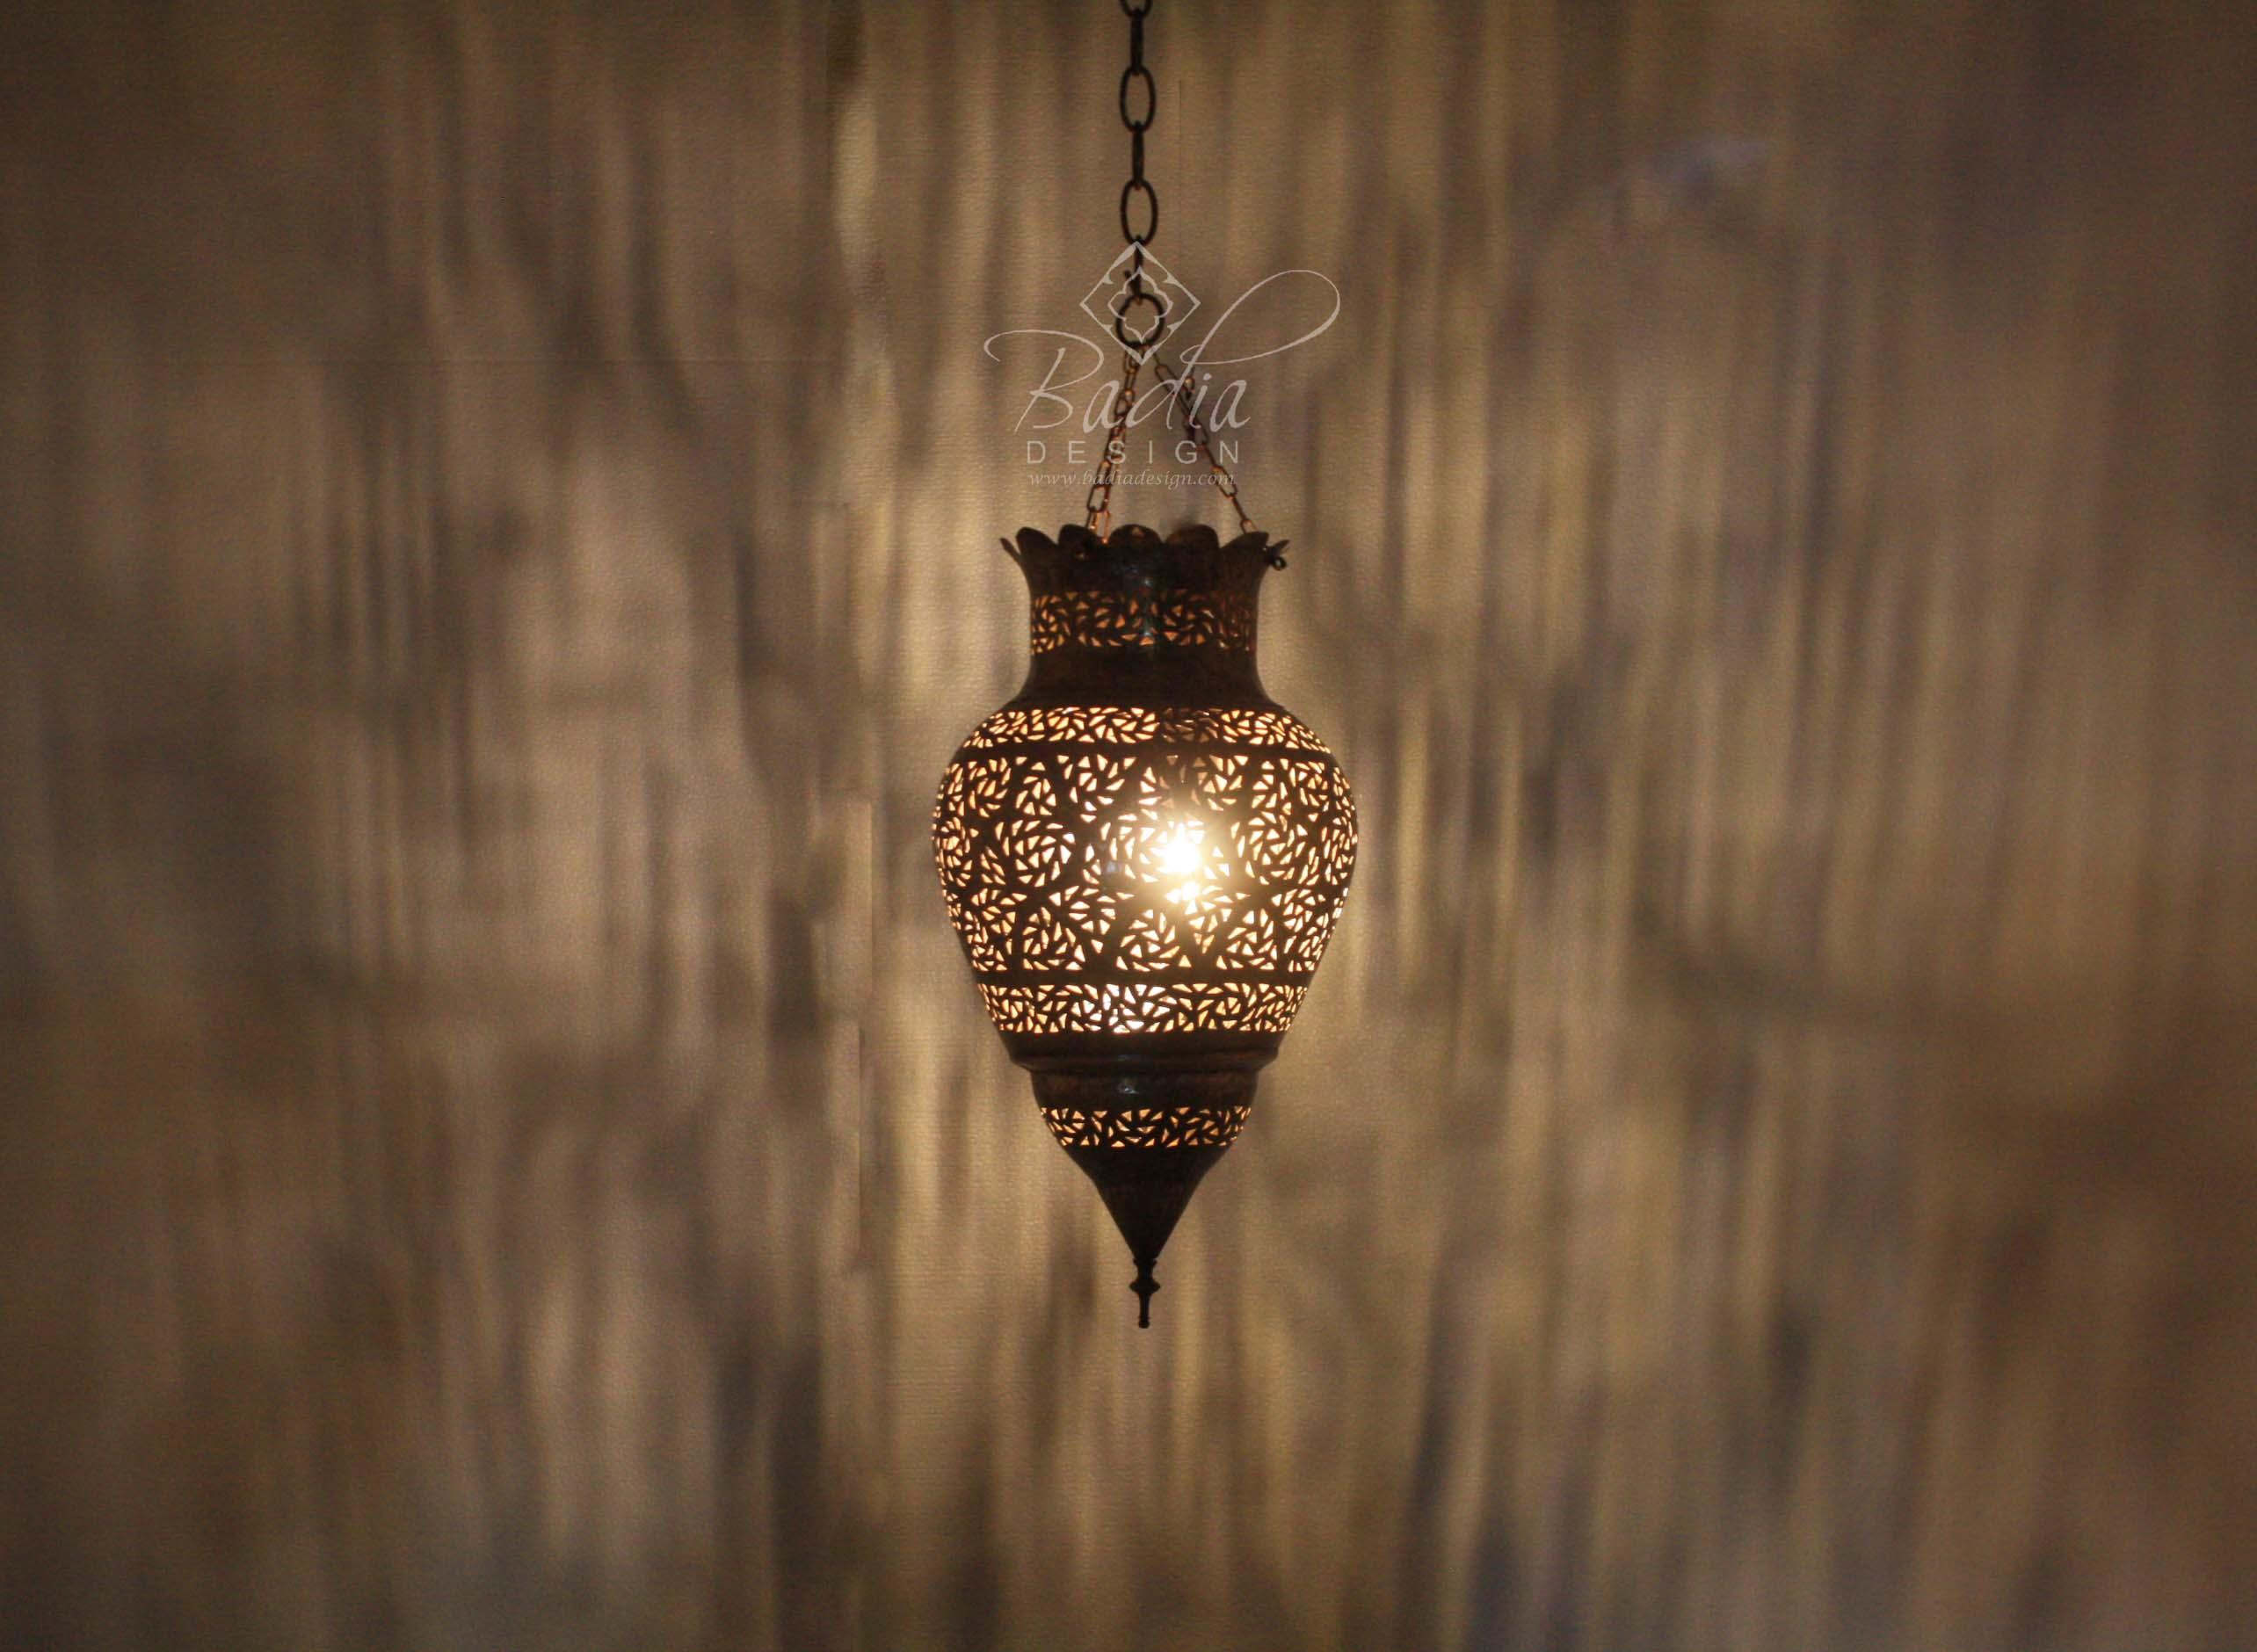 moroccan-party-lighting-rental-los-angeles-lig397-2.jpg